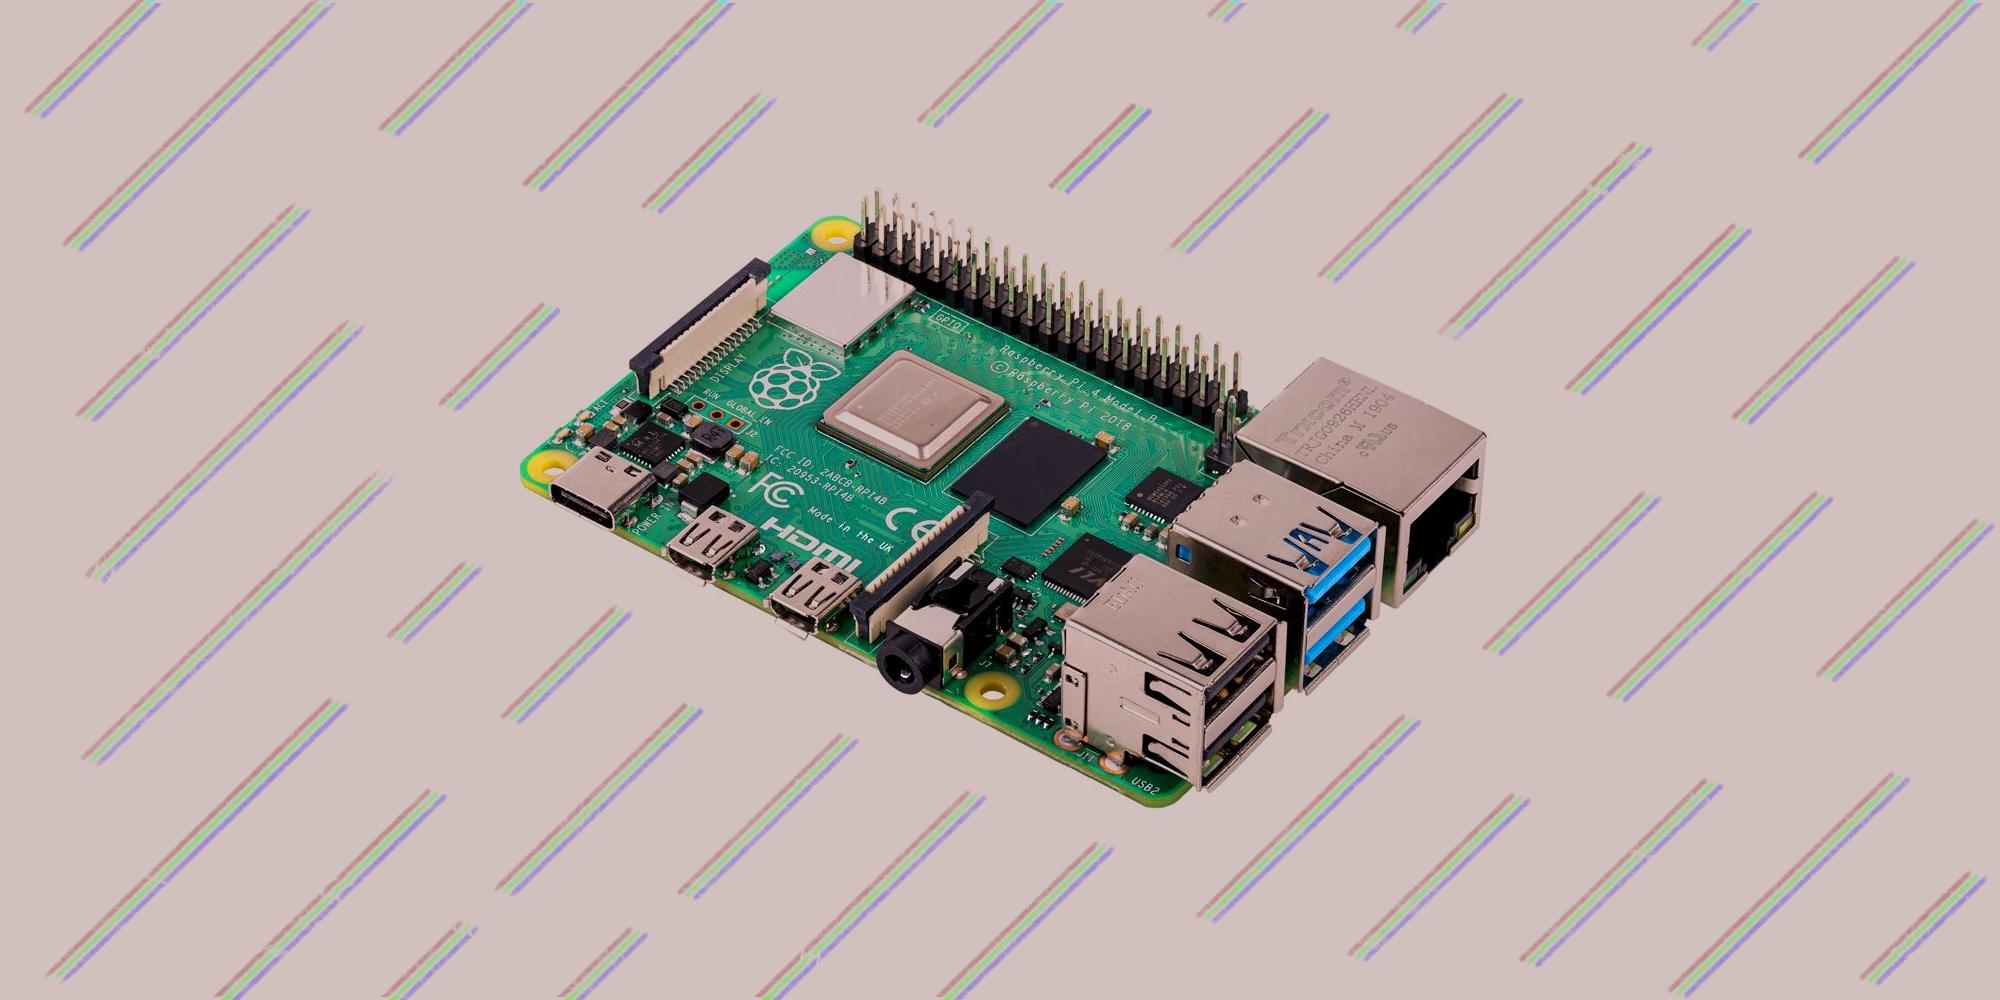 ❓ Можно ли заменить настольный компьютер на Raspberry Pi 4?